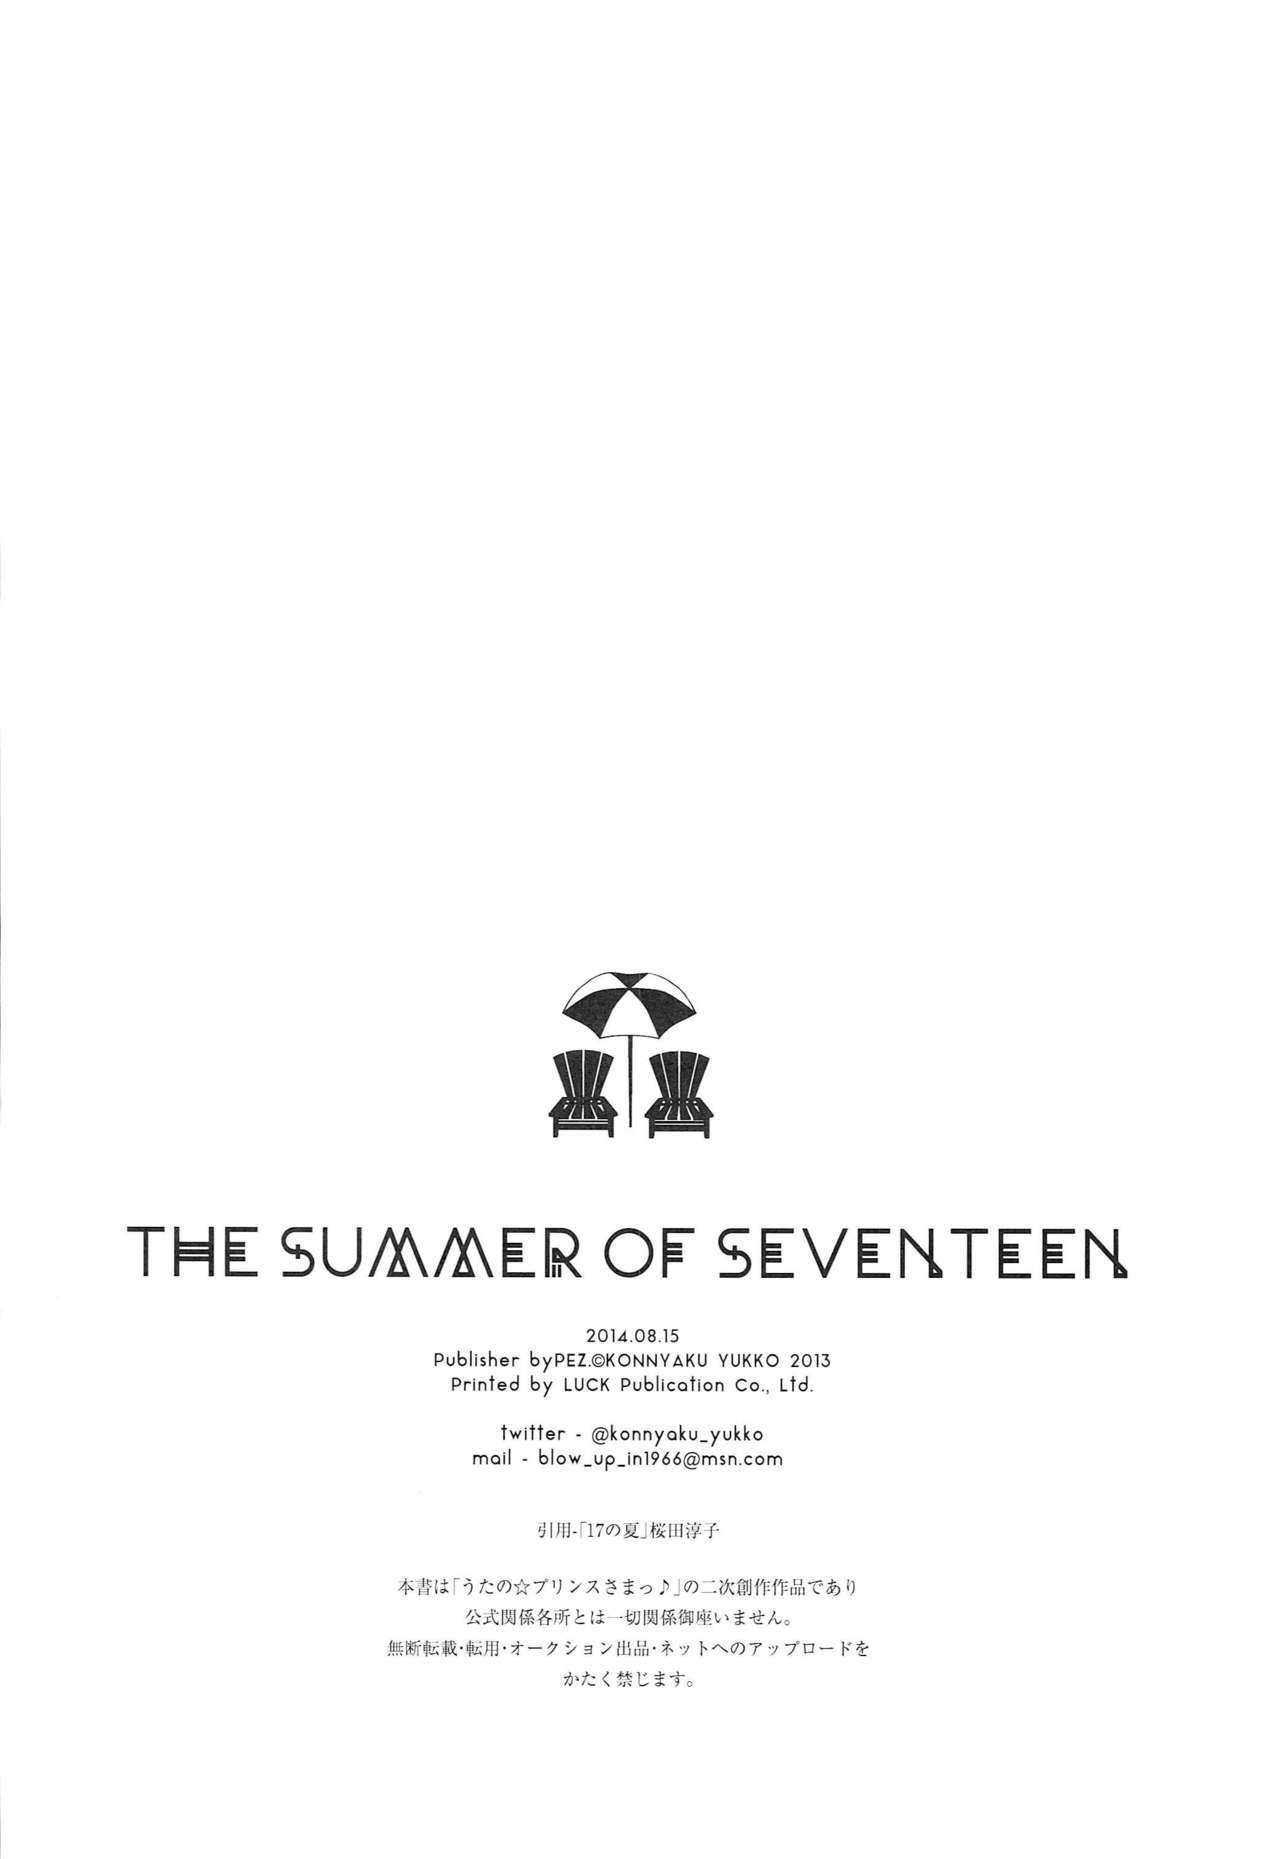 THE SUMMER OF SEVENTEEN 25